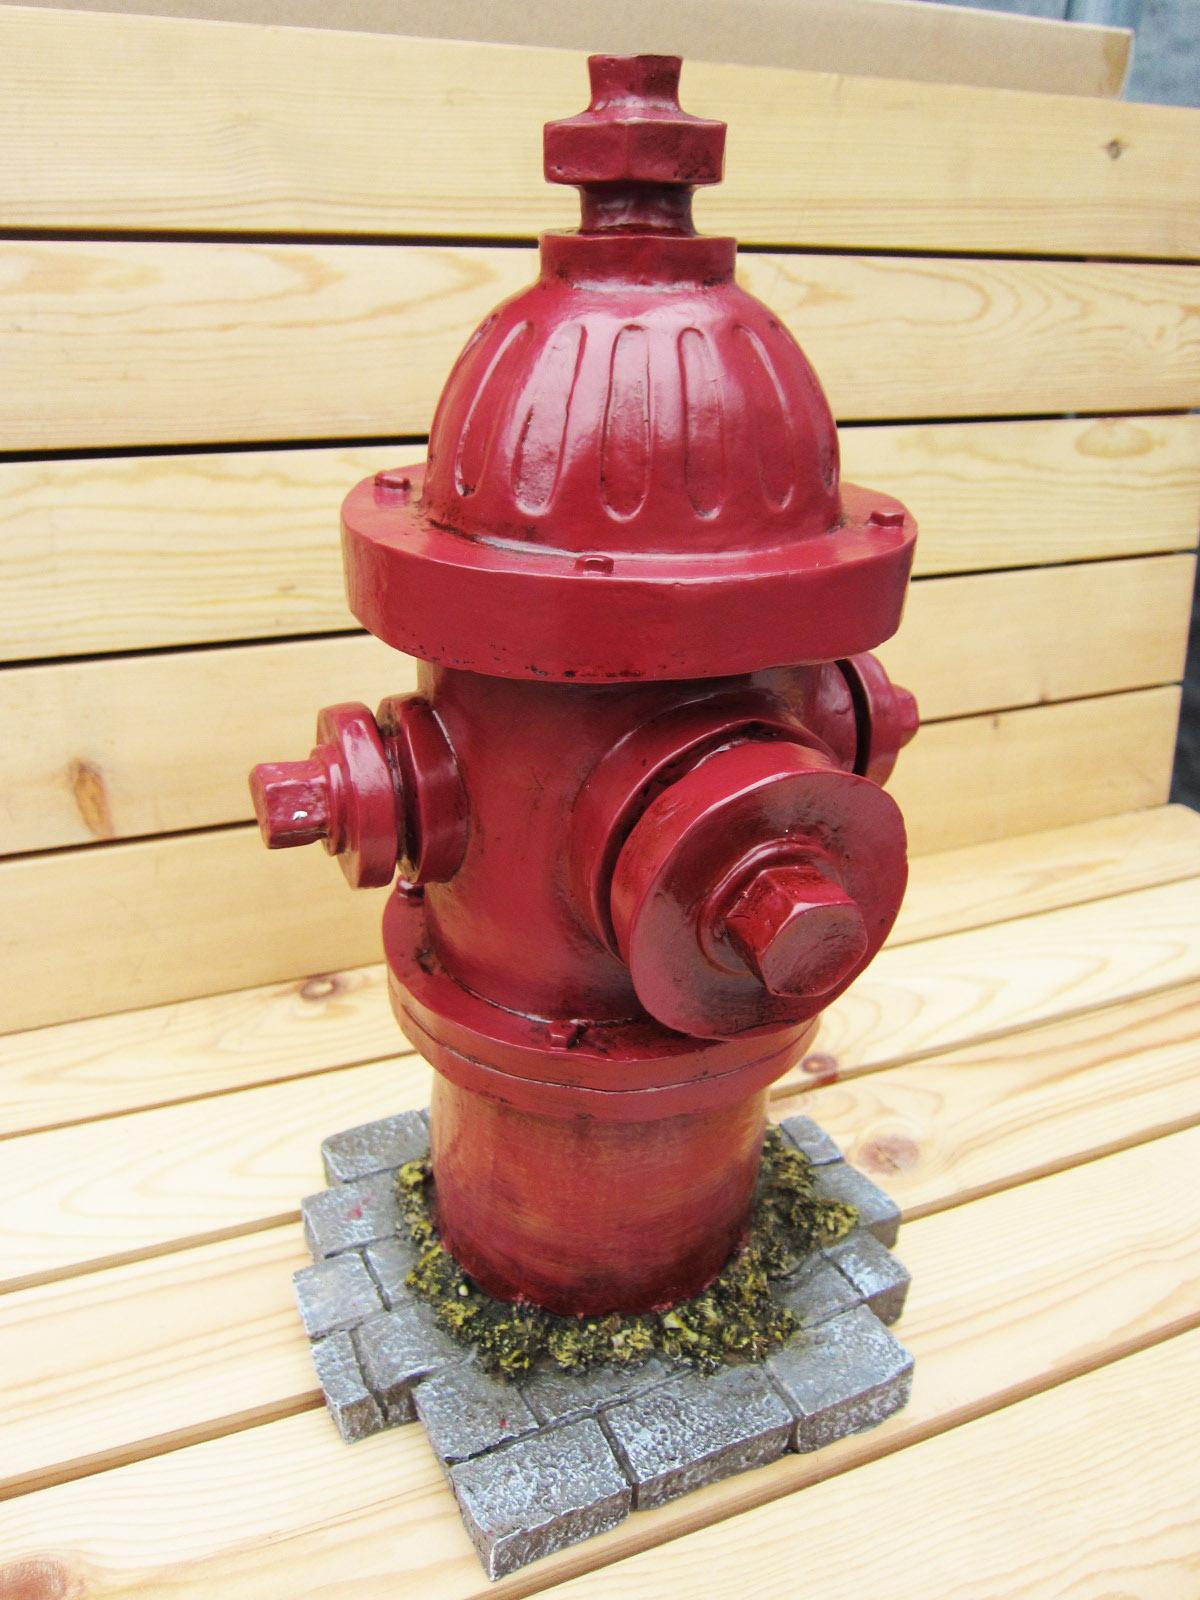 小型犬用 アメリカの消火栓オブジェ オシッコの的★Dog peeing on Fire Hydrant